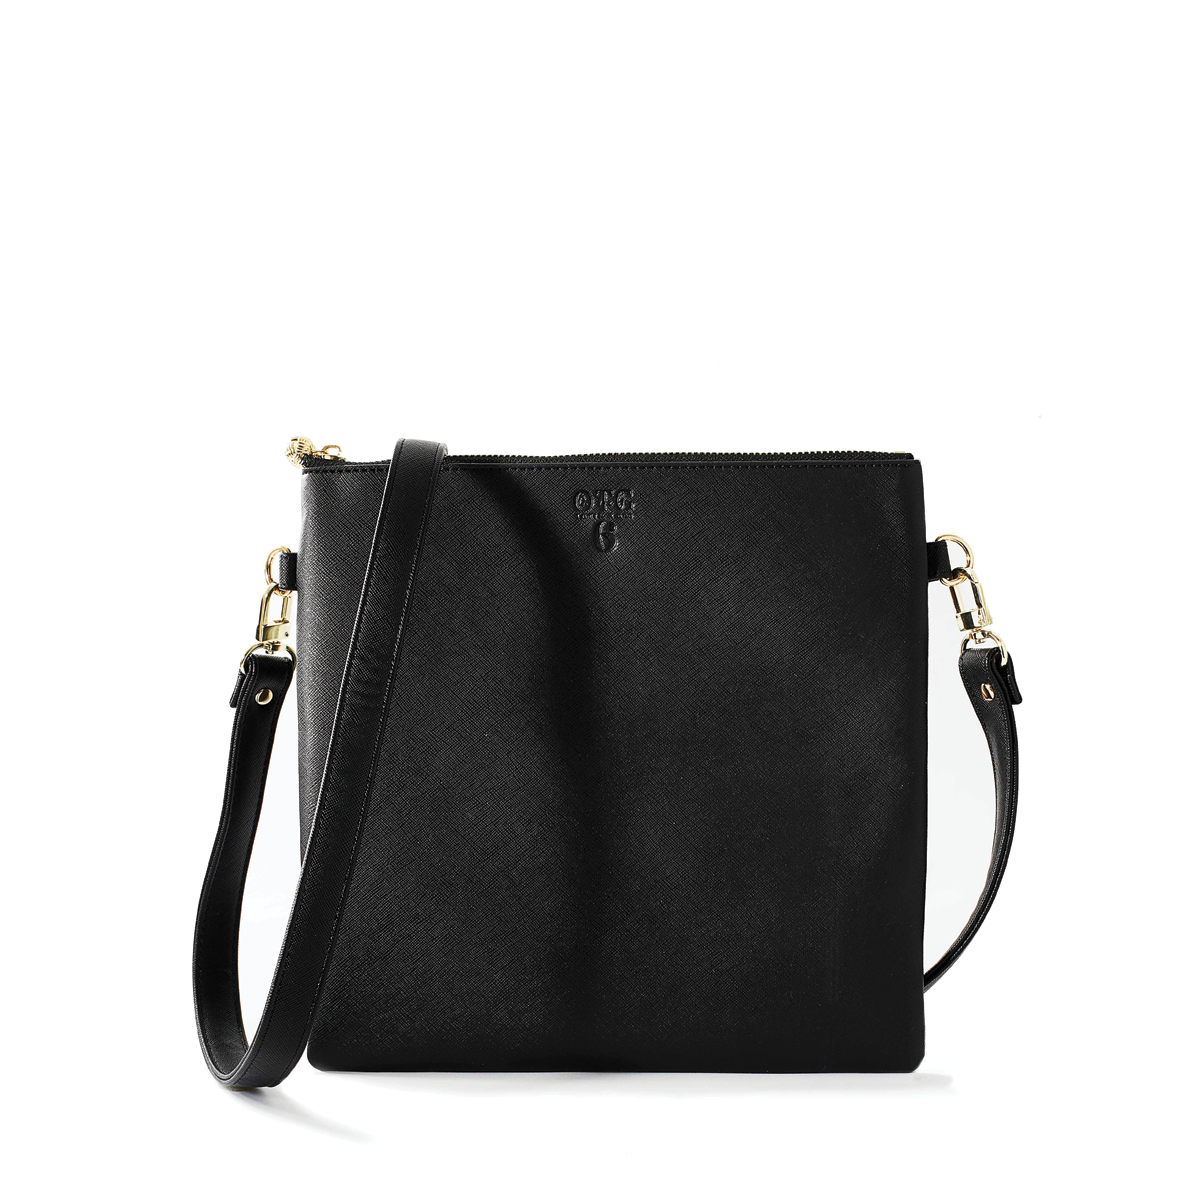 OTG247 Bag #6 Solid